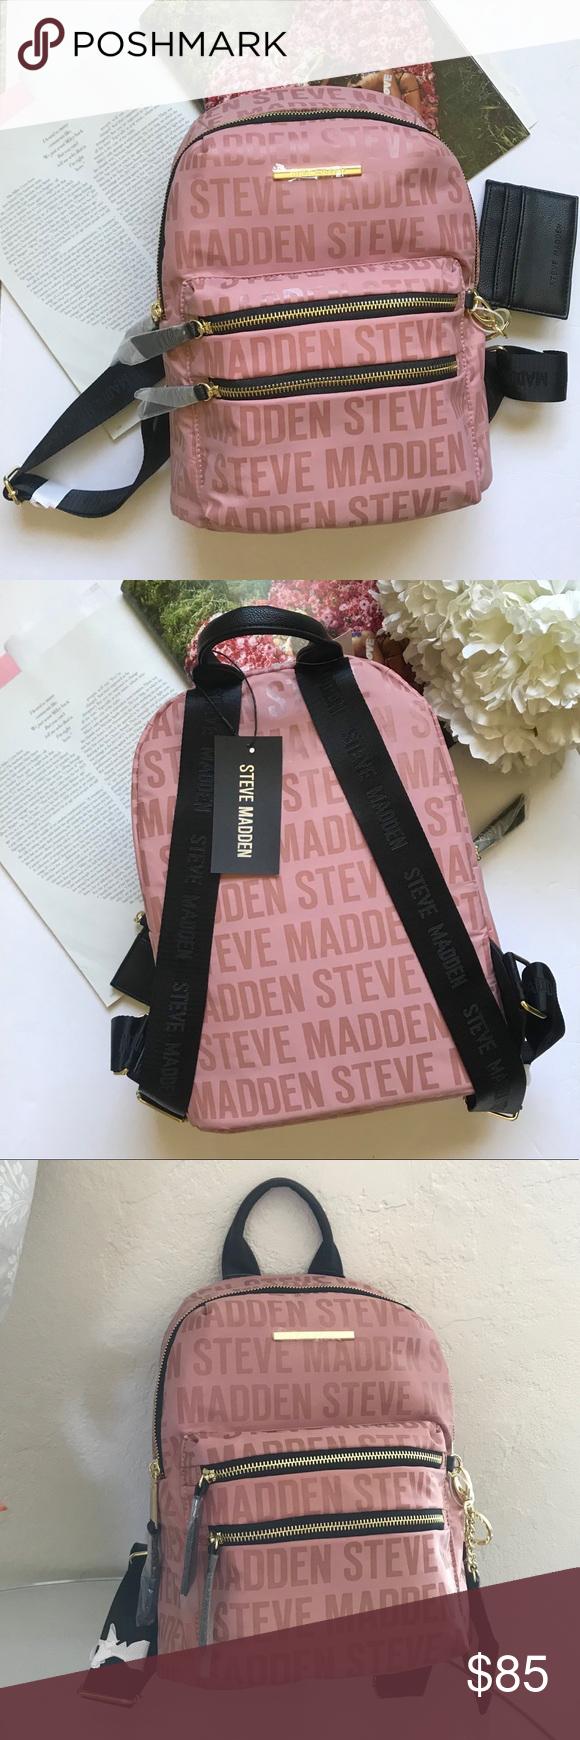 New Steve Madden Pink Logo Backpack Bag Purse Purses And Bags Pink Logo Steve Madden Bags